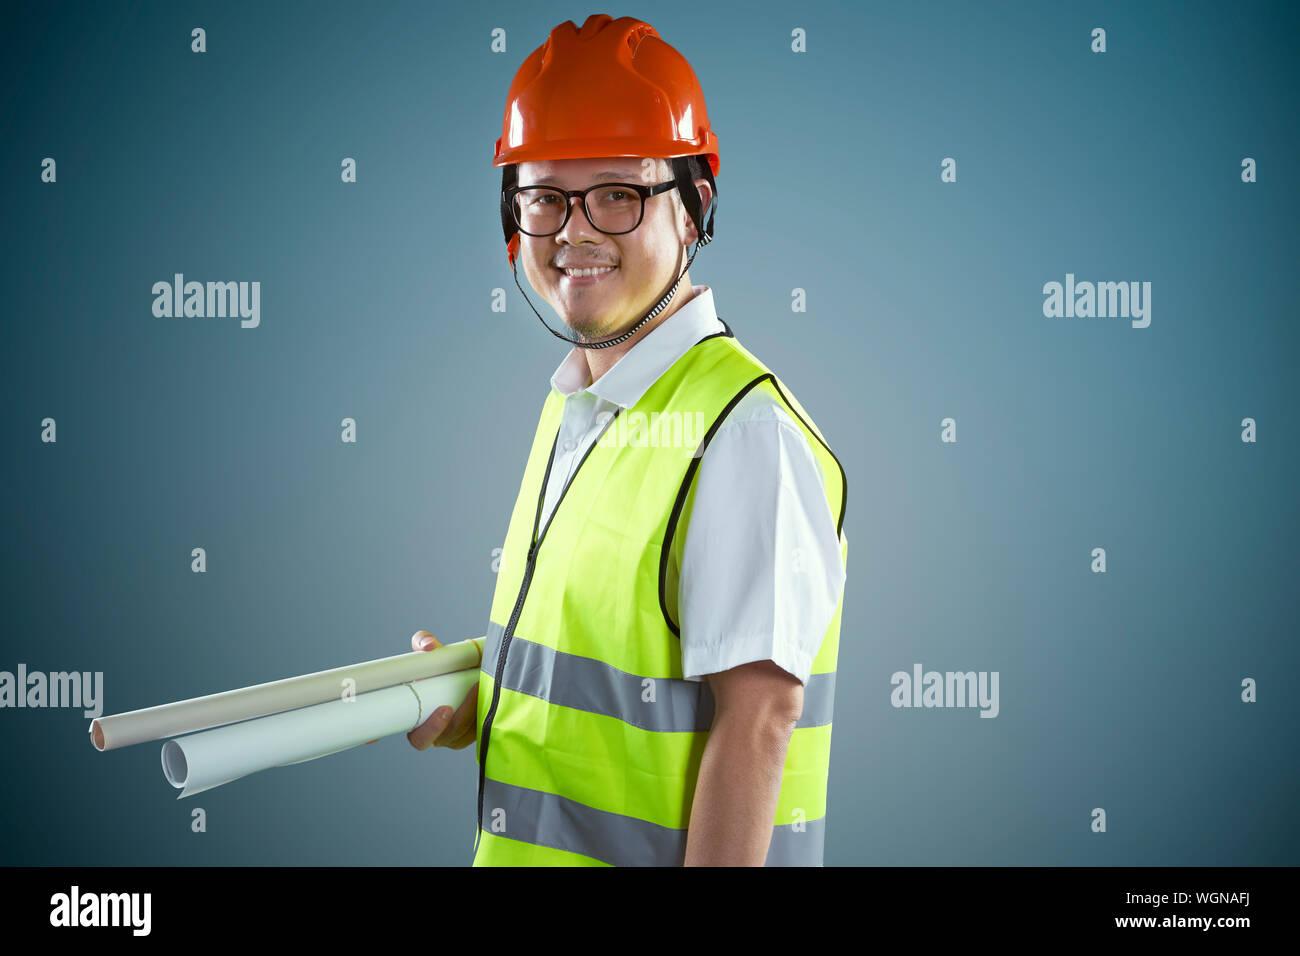 Portrait von lächelnden Bauarbeiter gegen farbigen Hintergrund Stockfoto